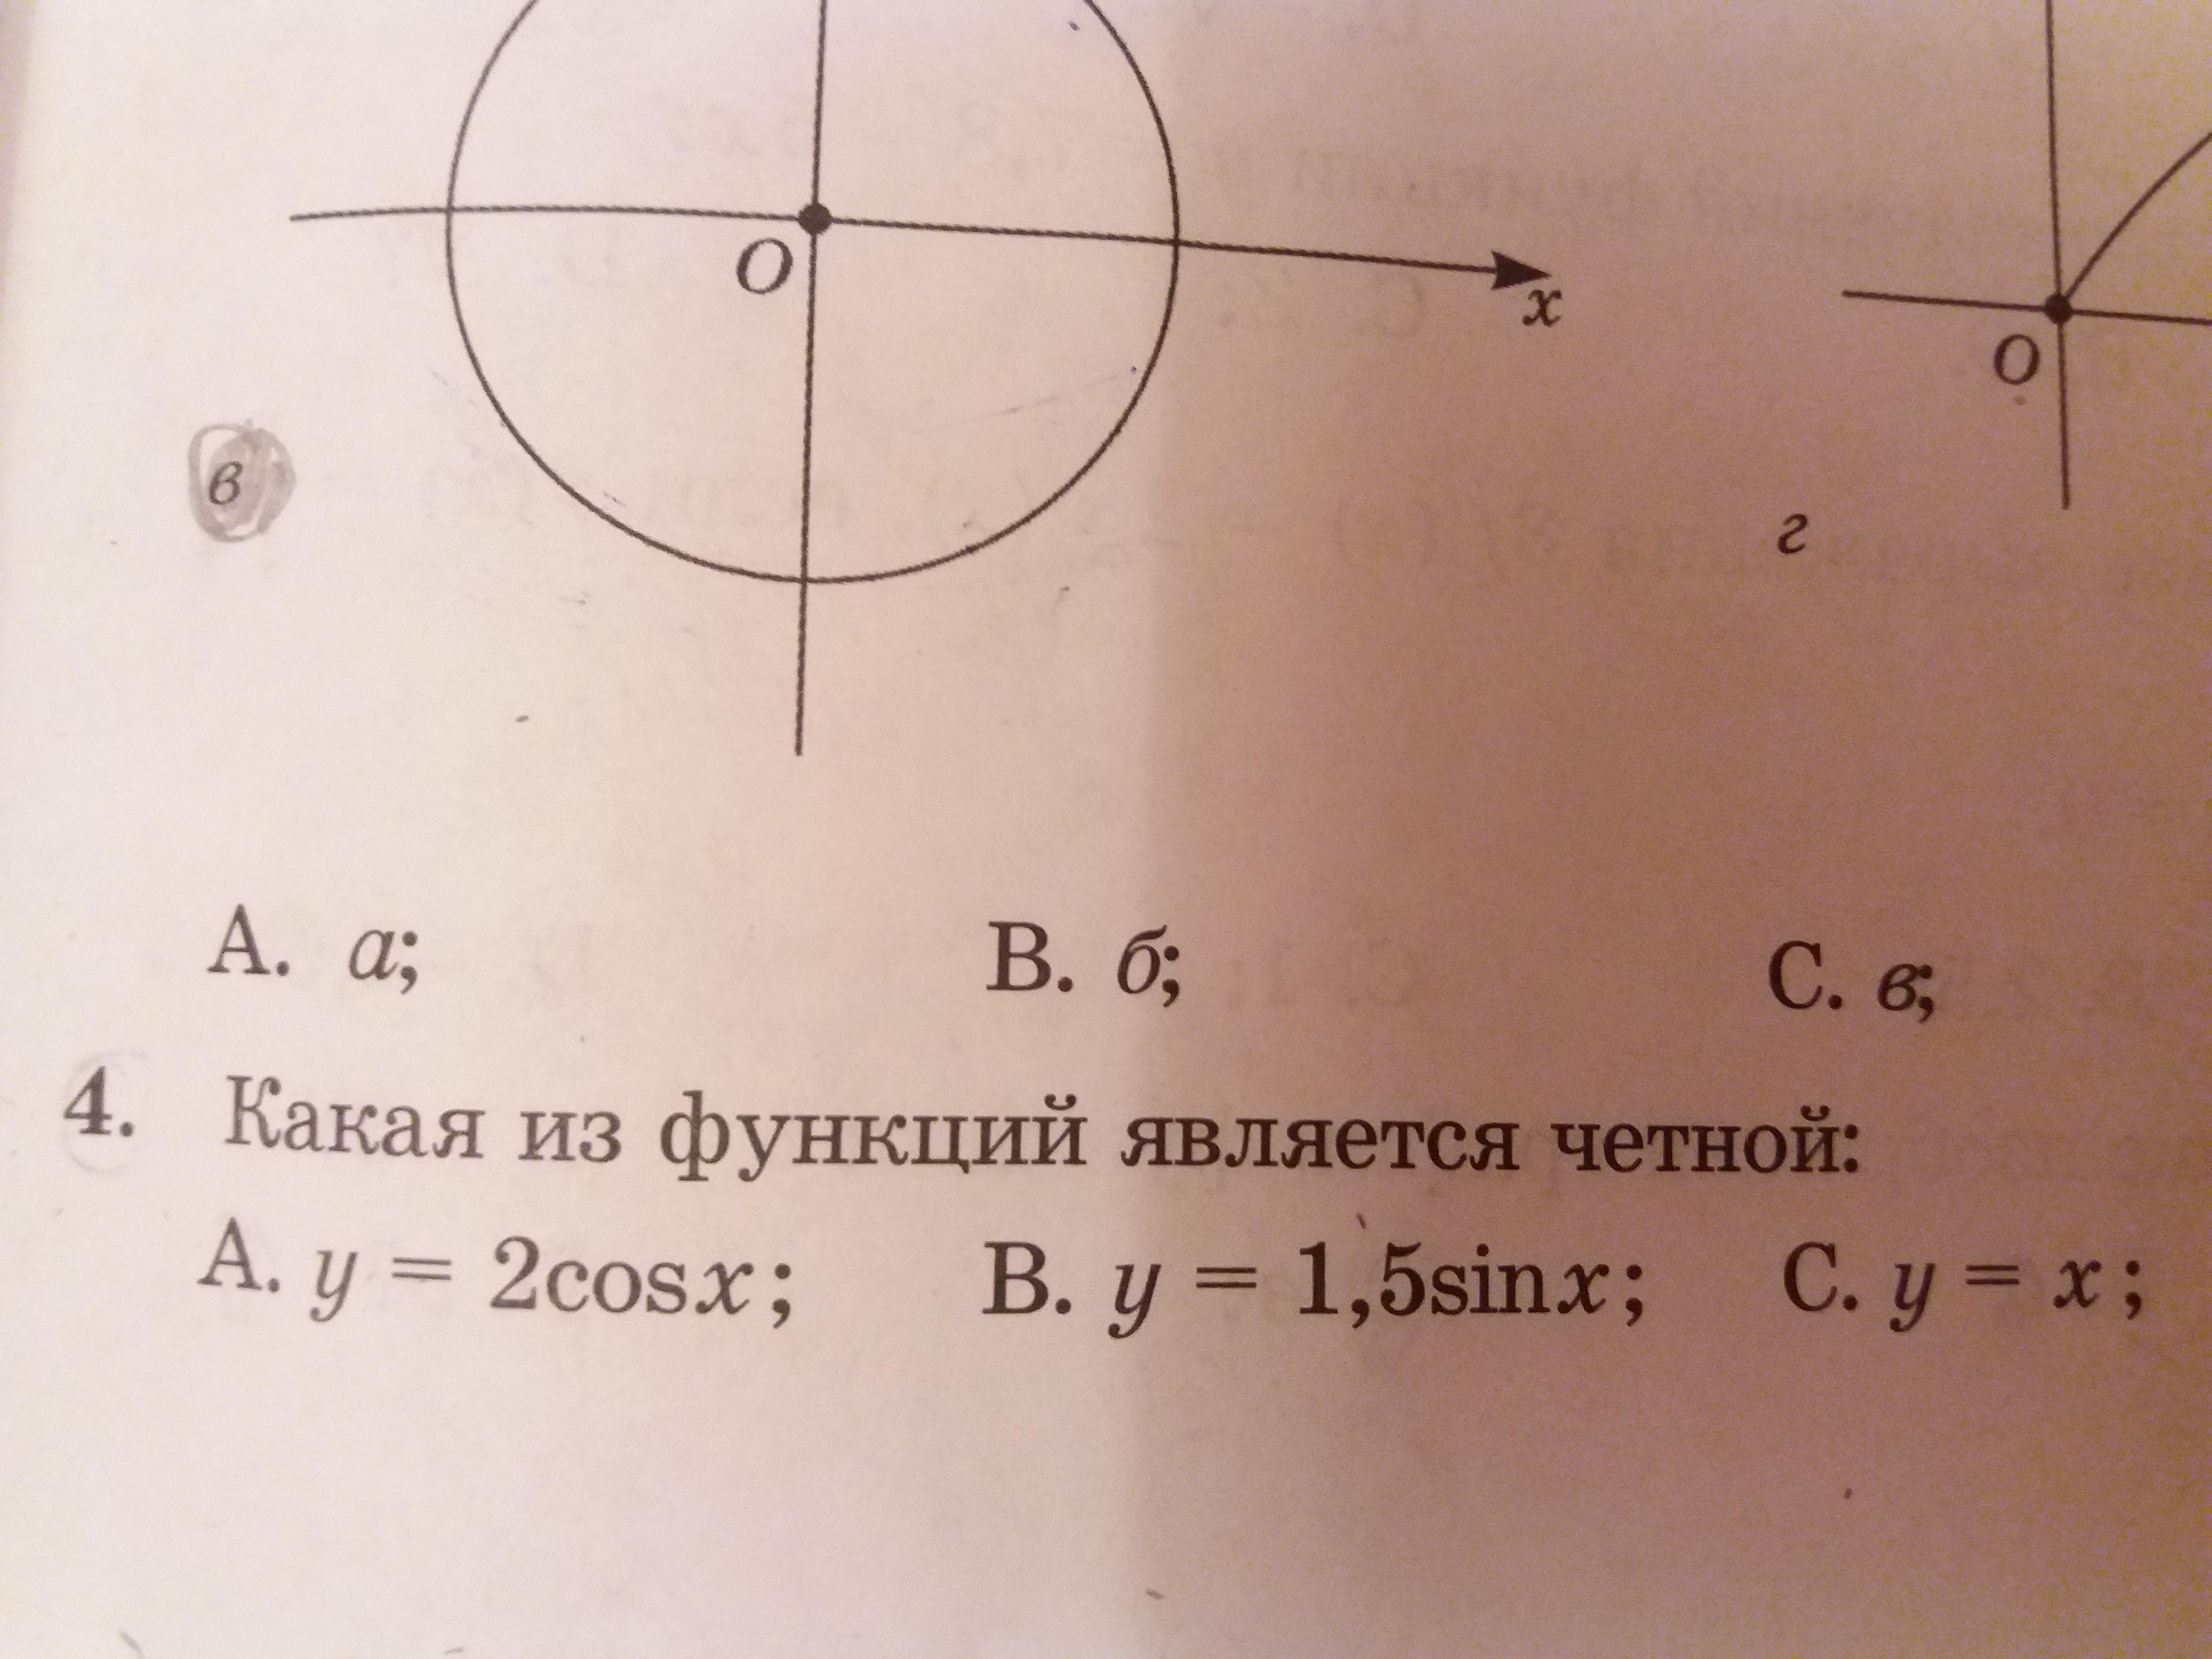 Какая из функций является четной?